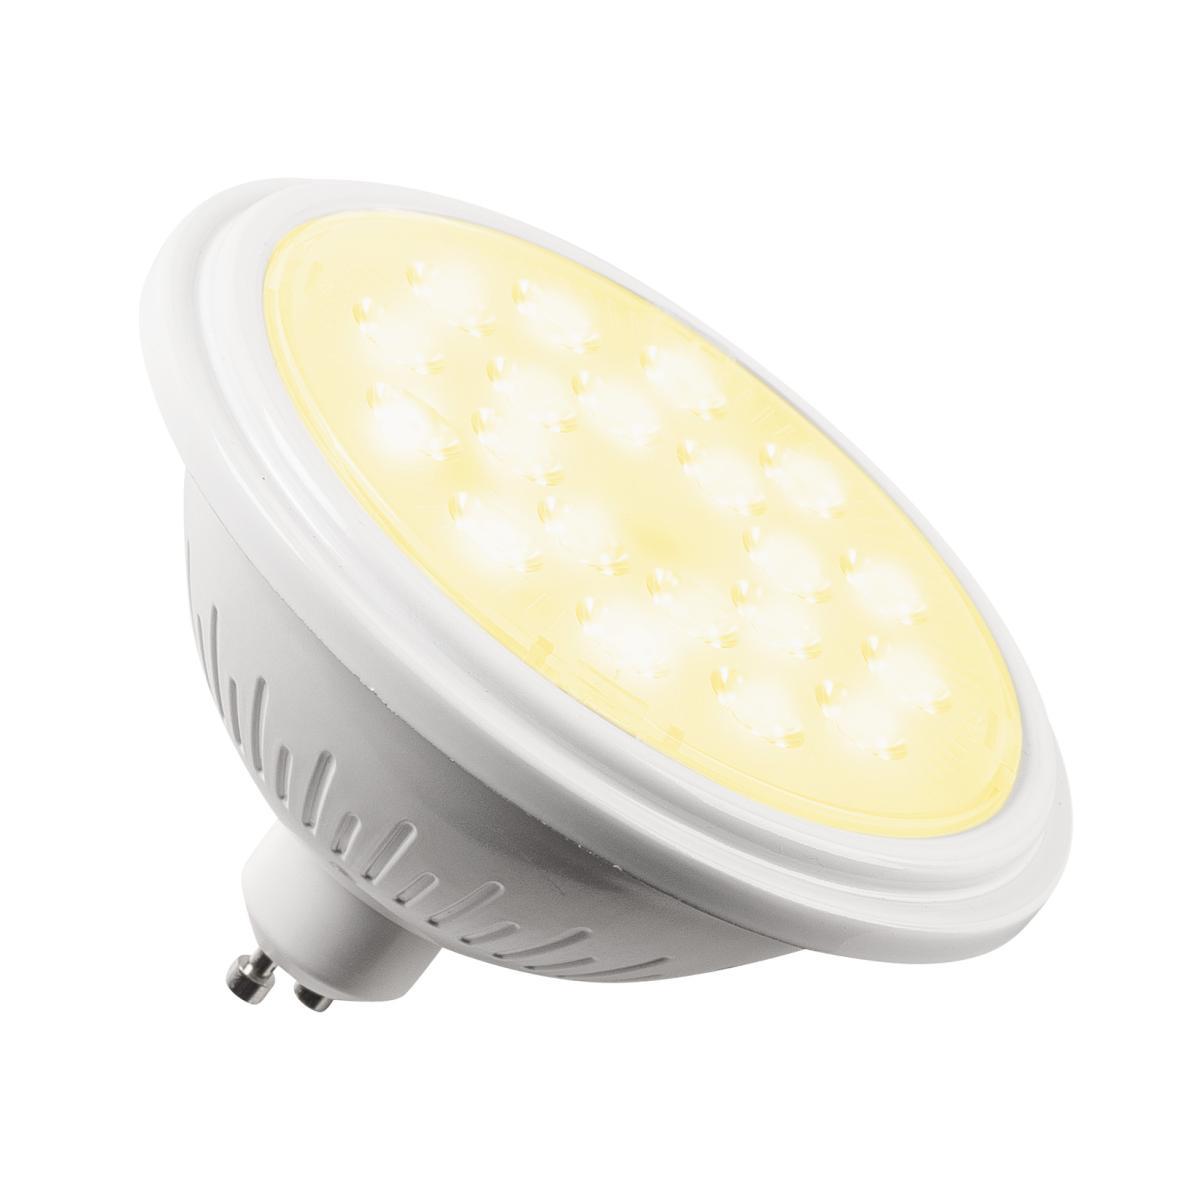 VALETO lichtbron GU10 2700-6500K 25° 9W